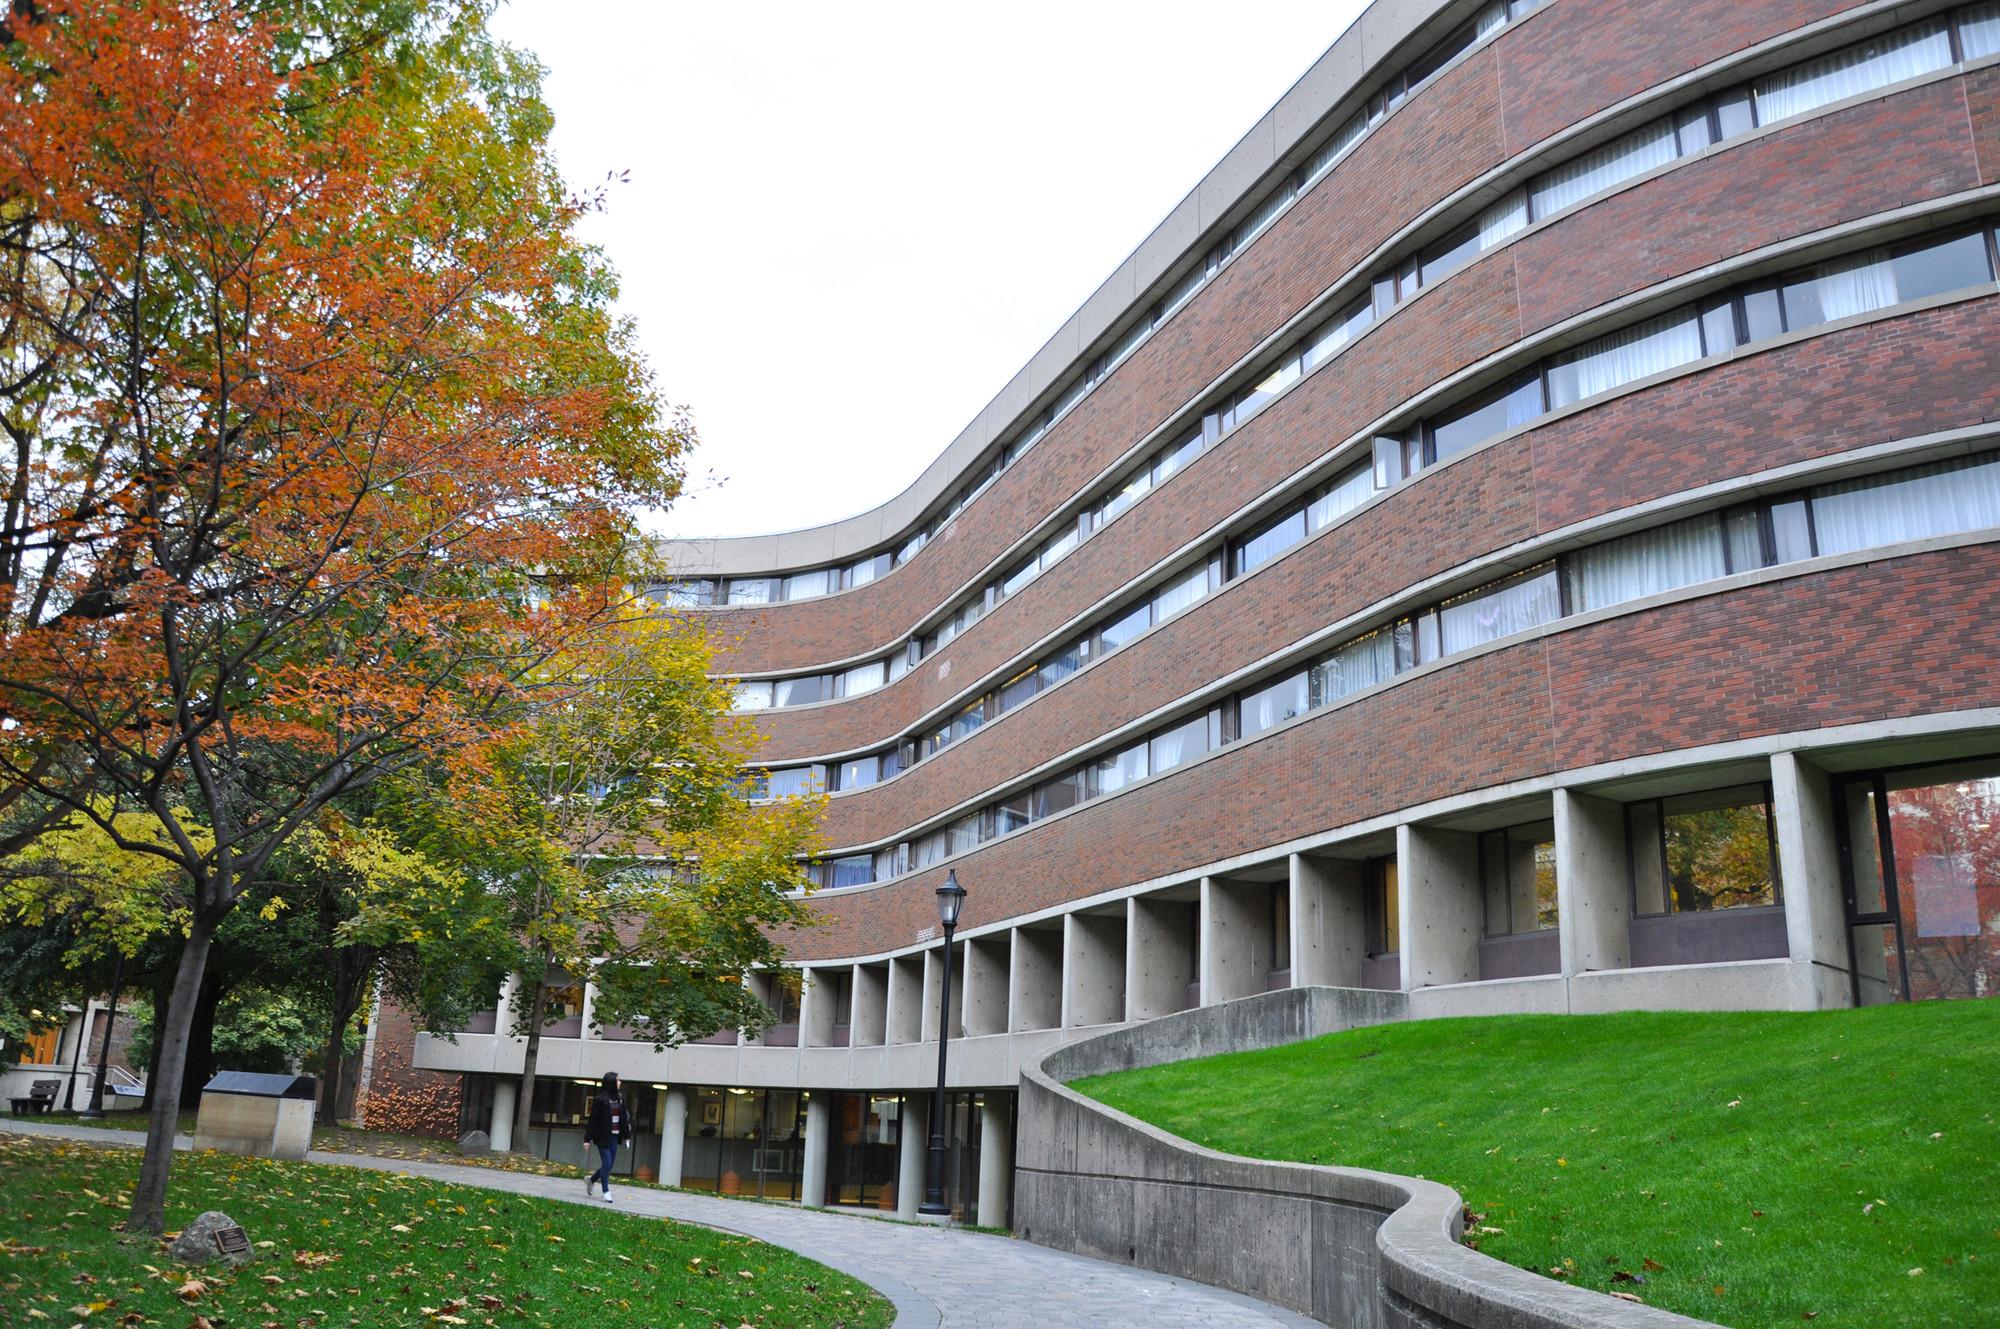 Courtyard between New College buildings.